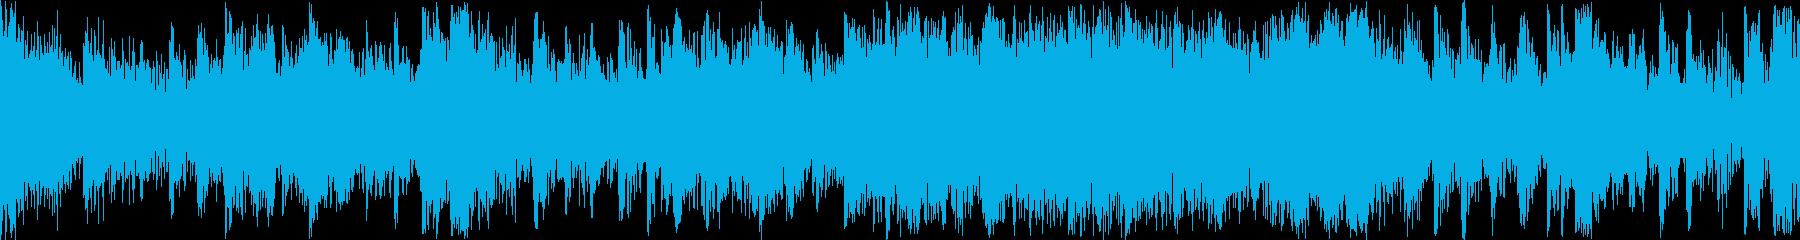 和を感じさせる緊迫感(Loop)の再生済みの波形